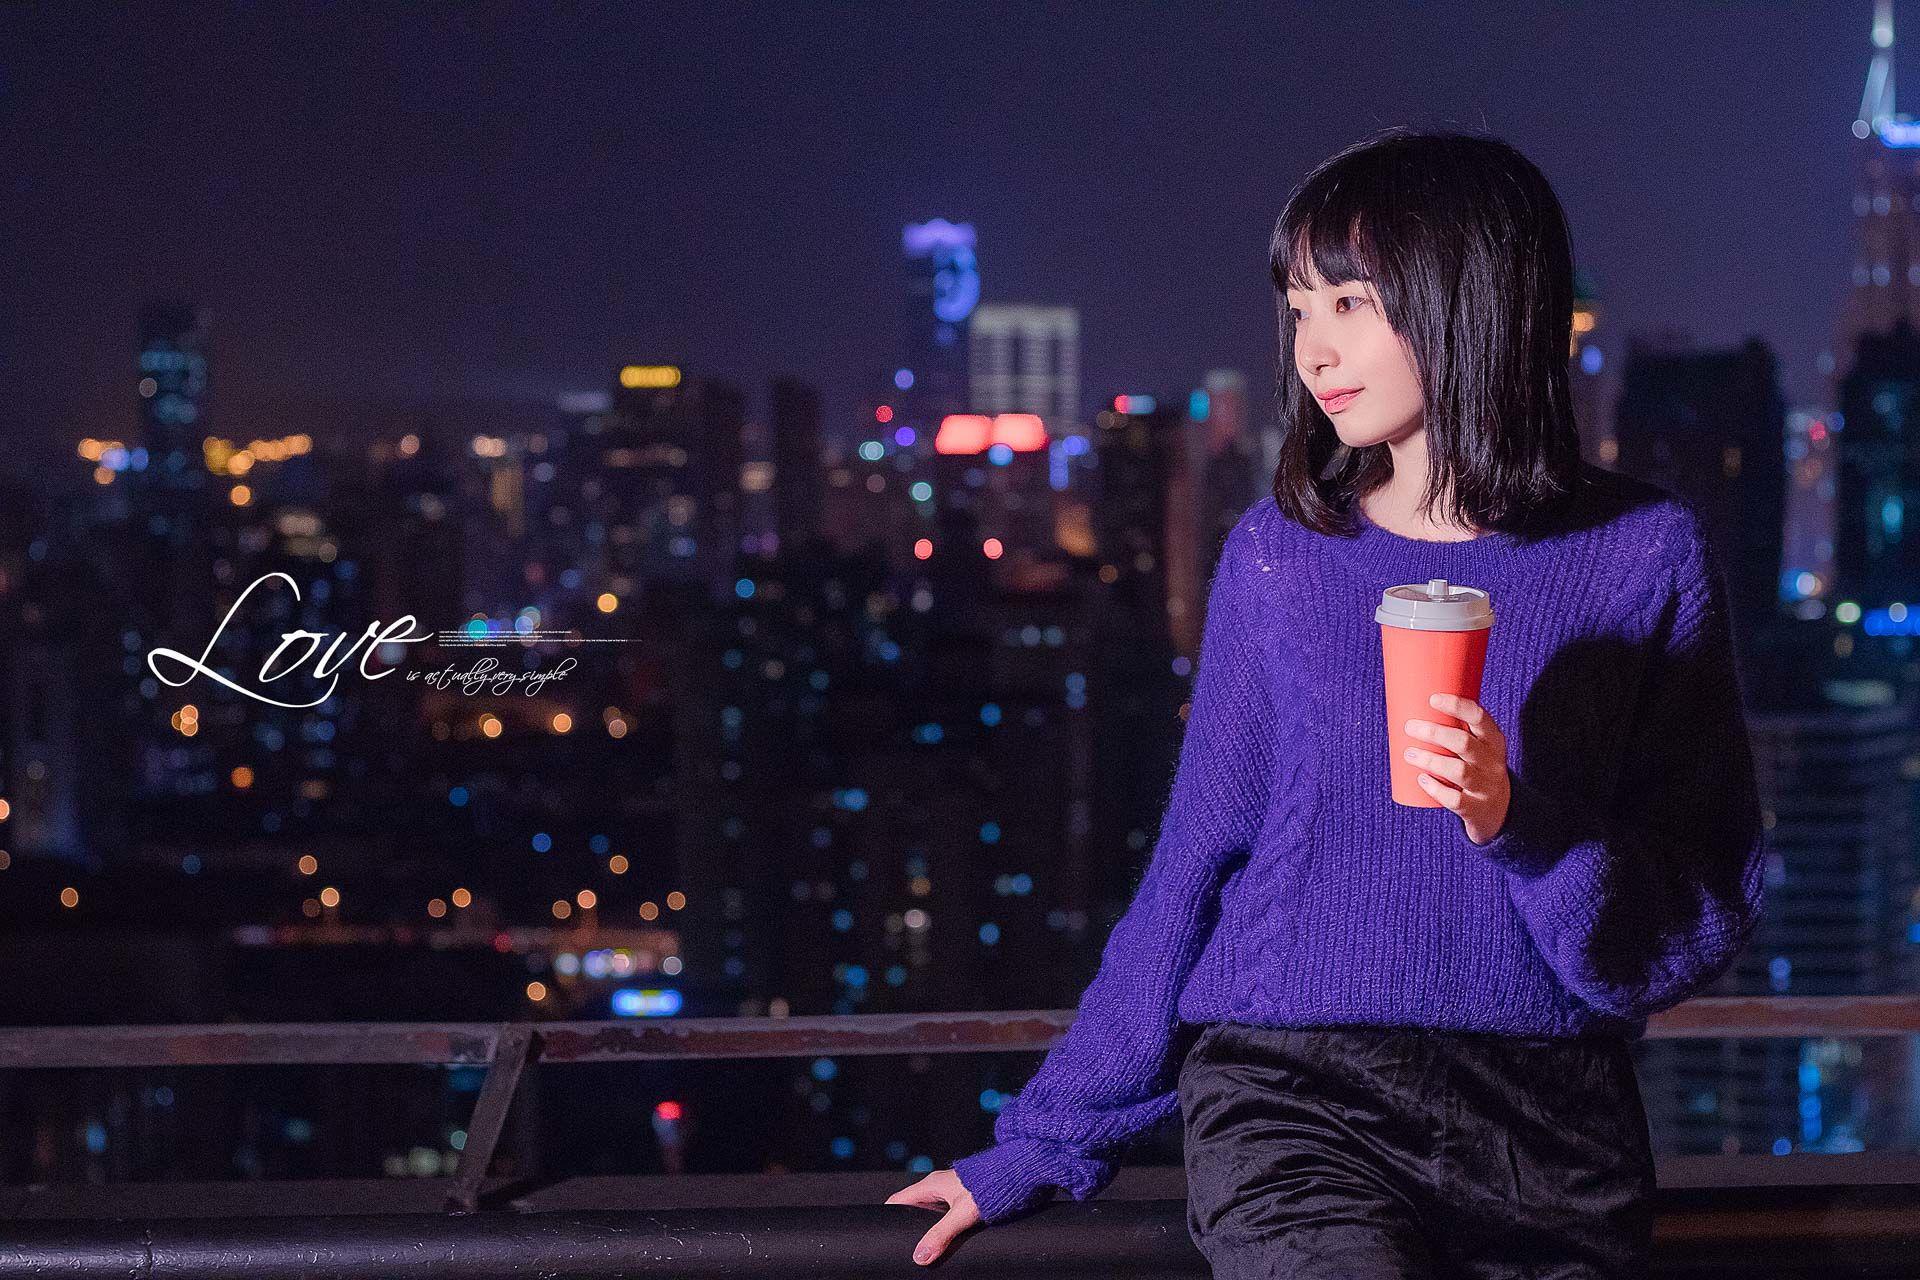 2018-10-24 天臺夜景_攝影師晦恩的返片